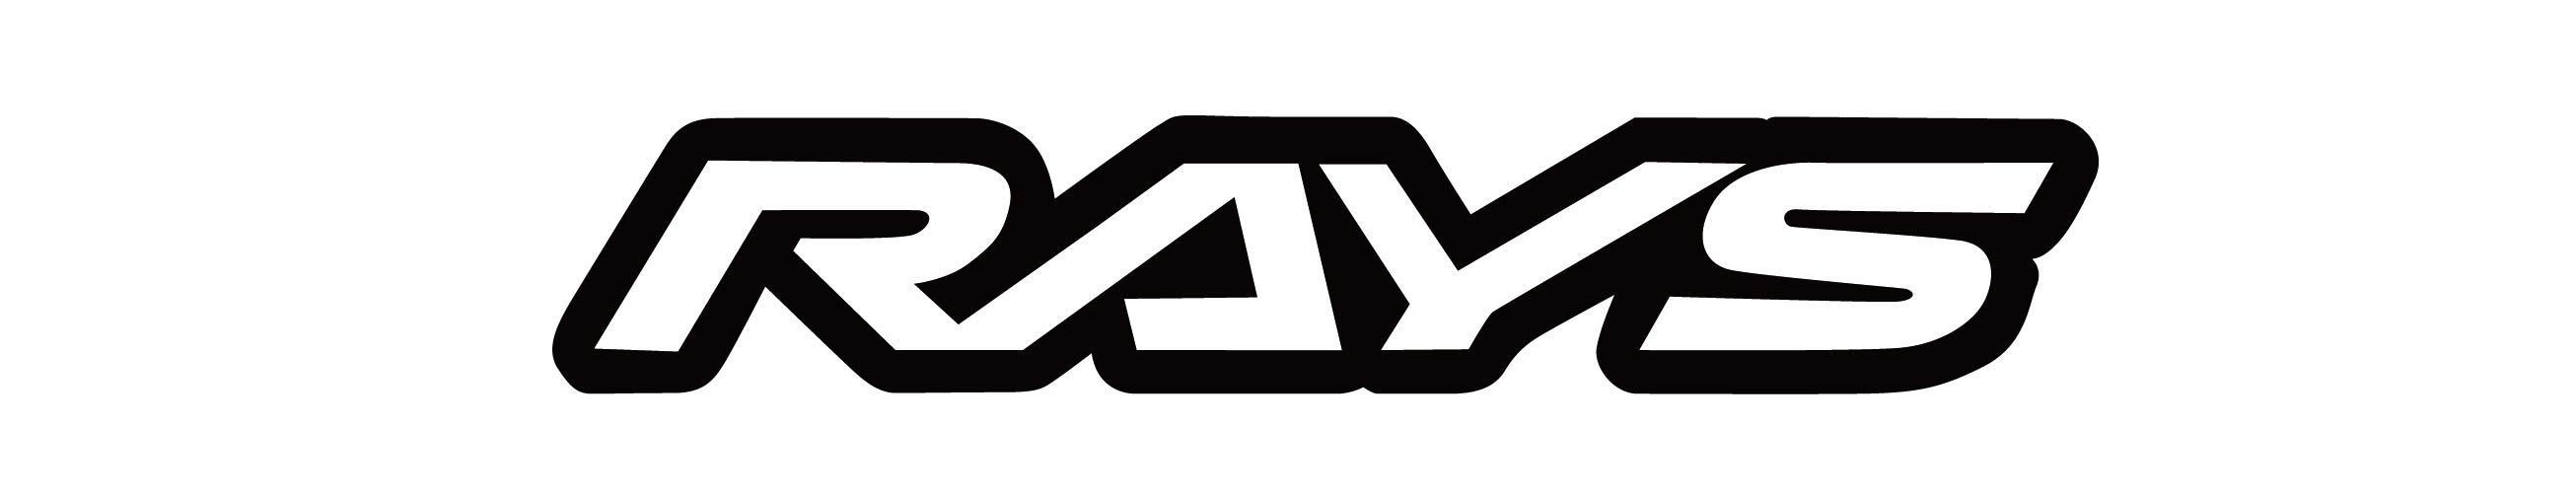 e_logo_8_2